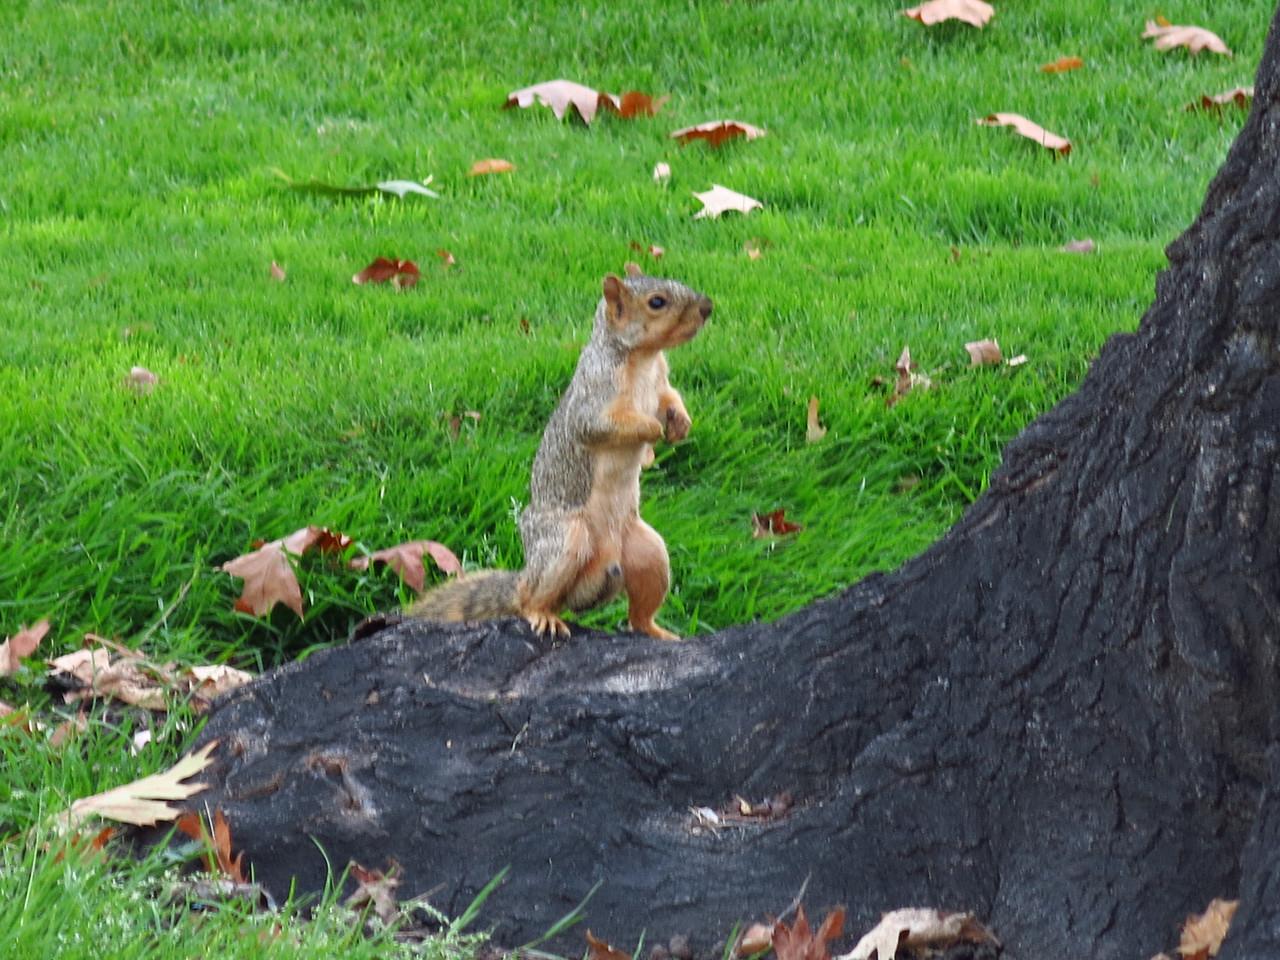 A biped squirrel.